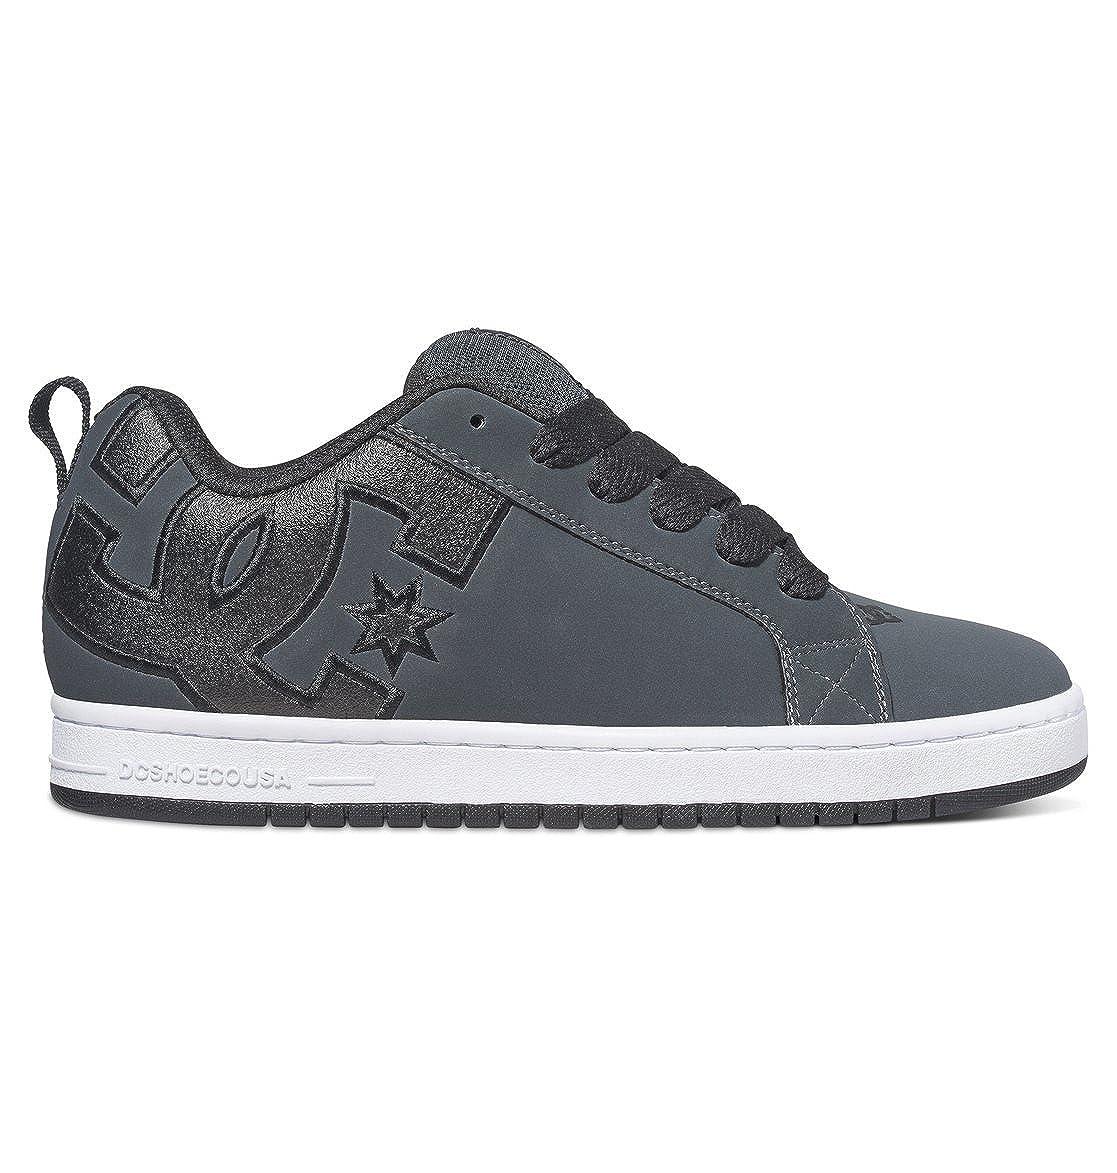 gris Blanc 38.5 EU DC chaussures Court Graffik SE Pour des hommes chaussures D0300927, paniers mode homme